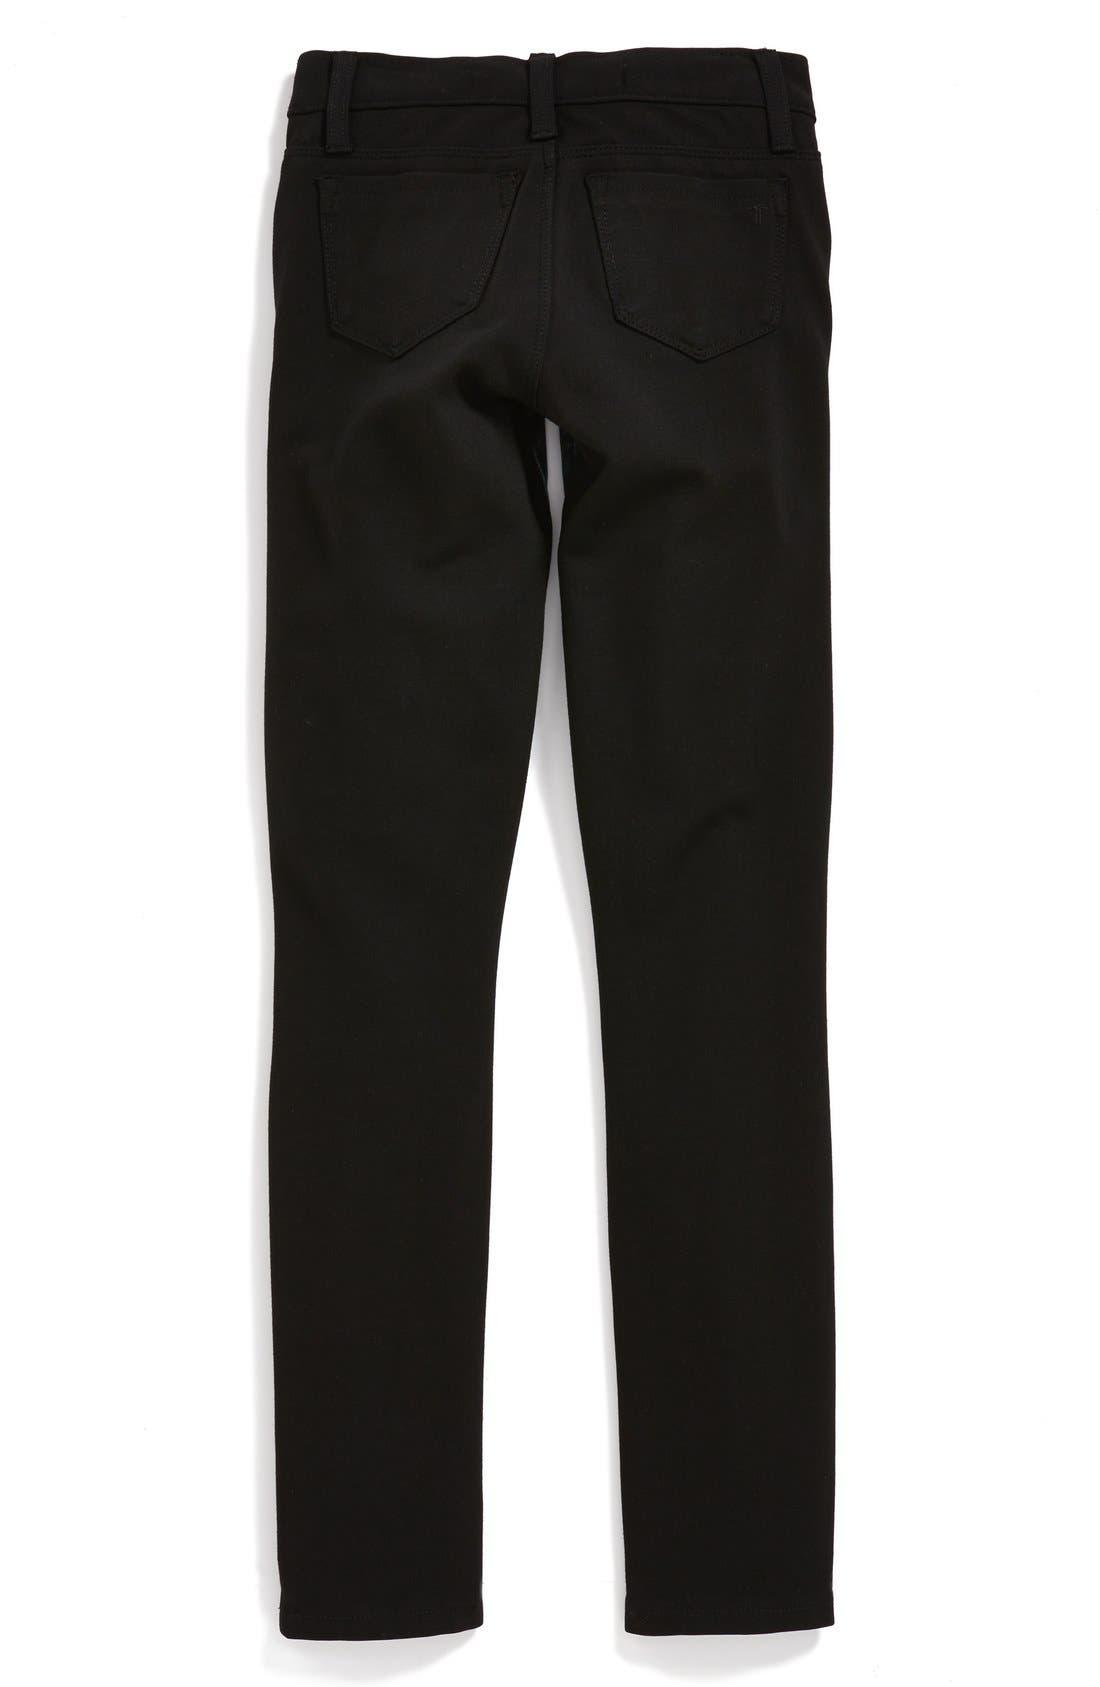 Alternate Image 2  - Tractr Denim Front Knit Back Pants (Big Girls)